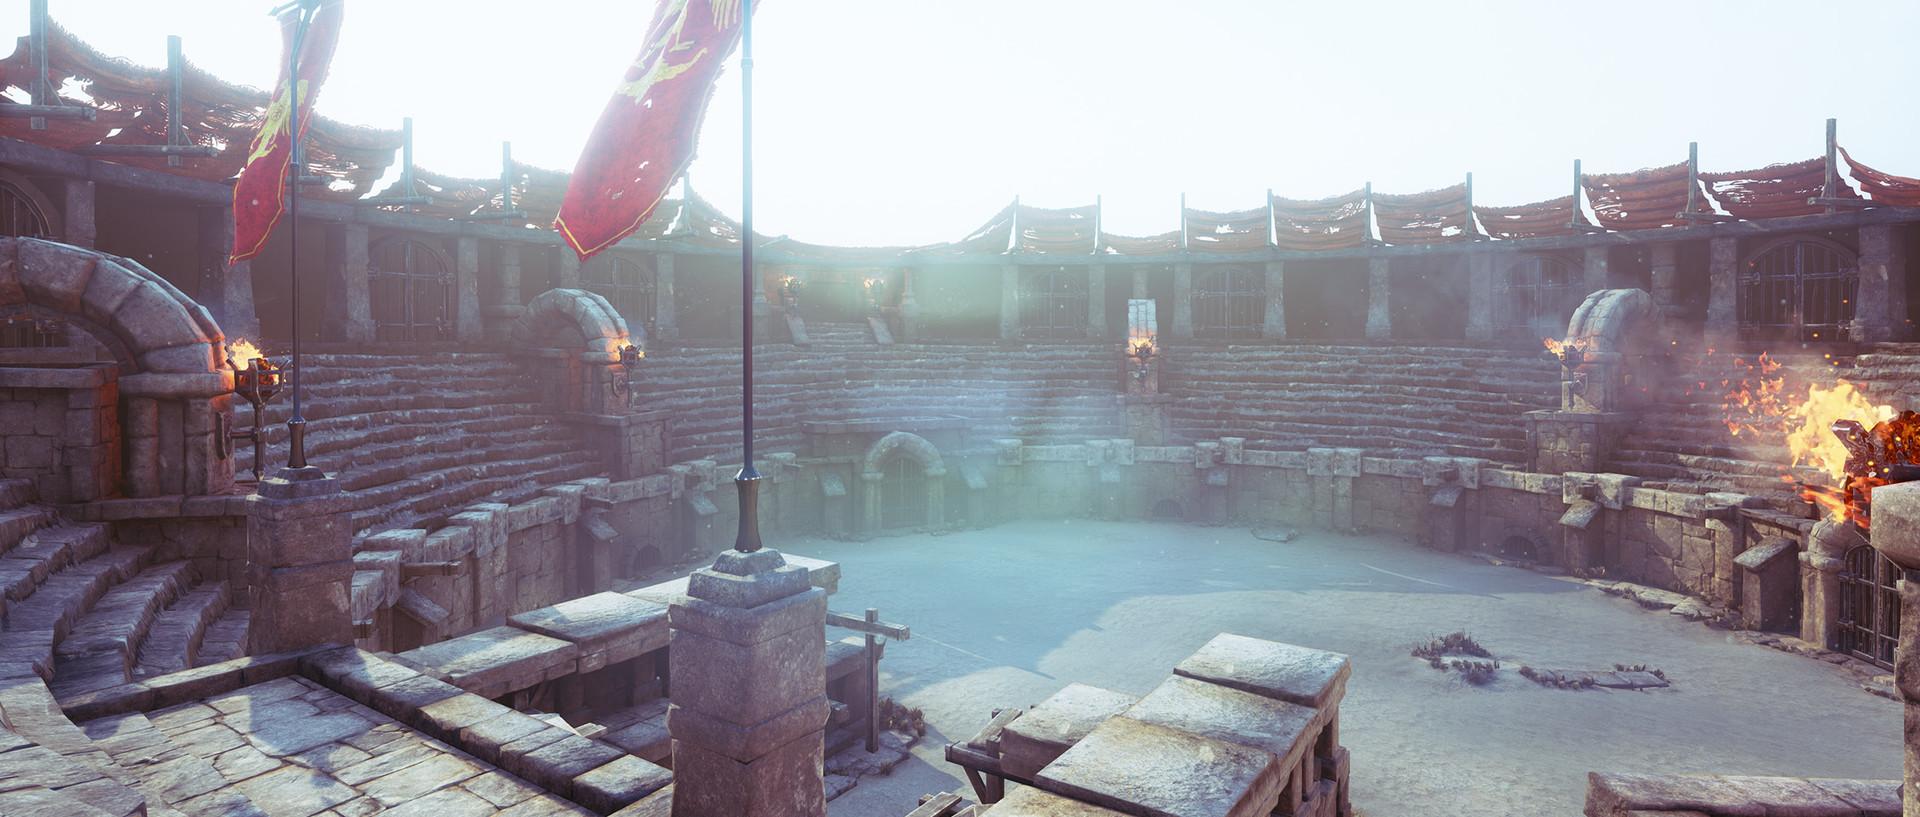 Gladiadores em Roma, caçadores de monstros Nikola-damjanov-arena-still-nikola-damjanov-08